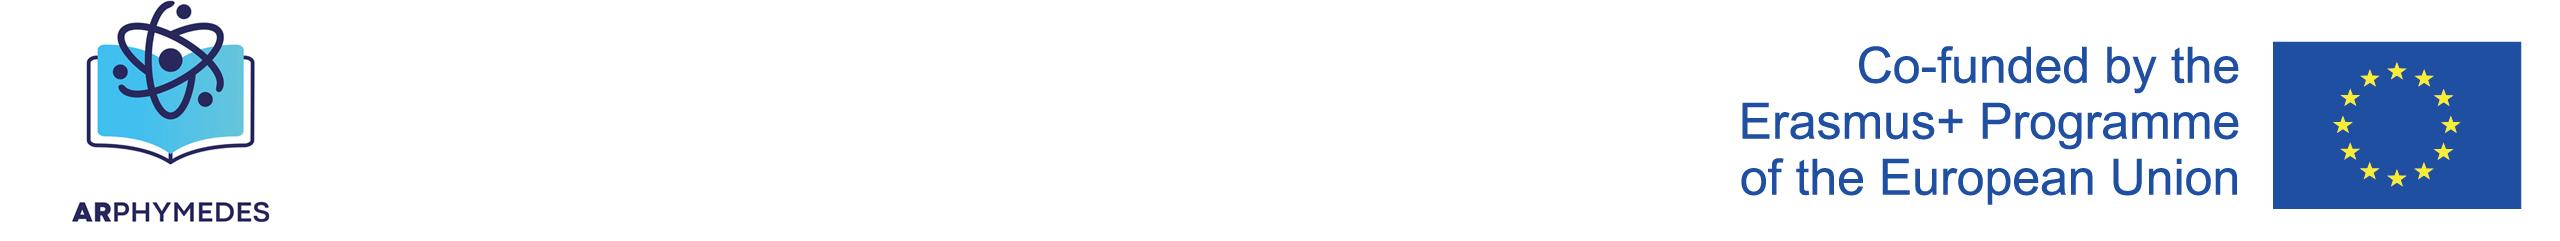 erasmus+logo.footer_en